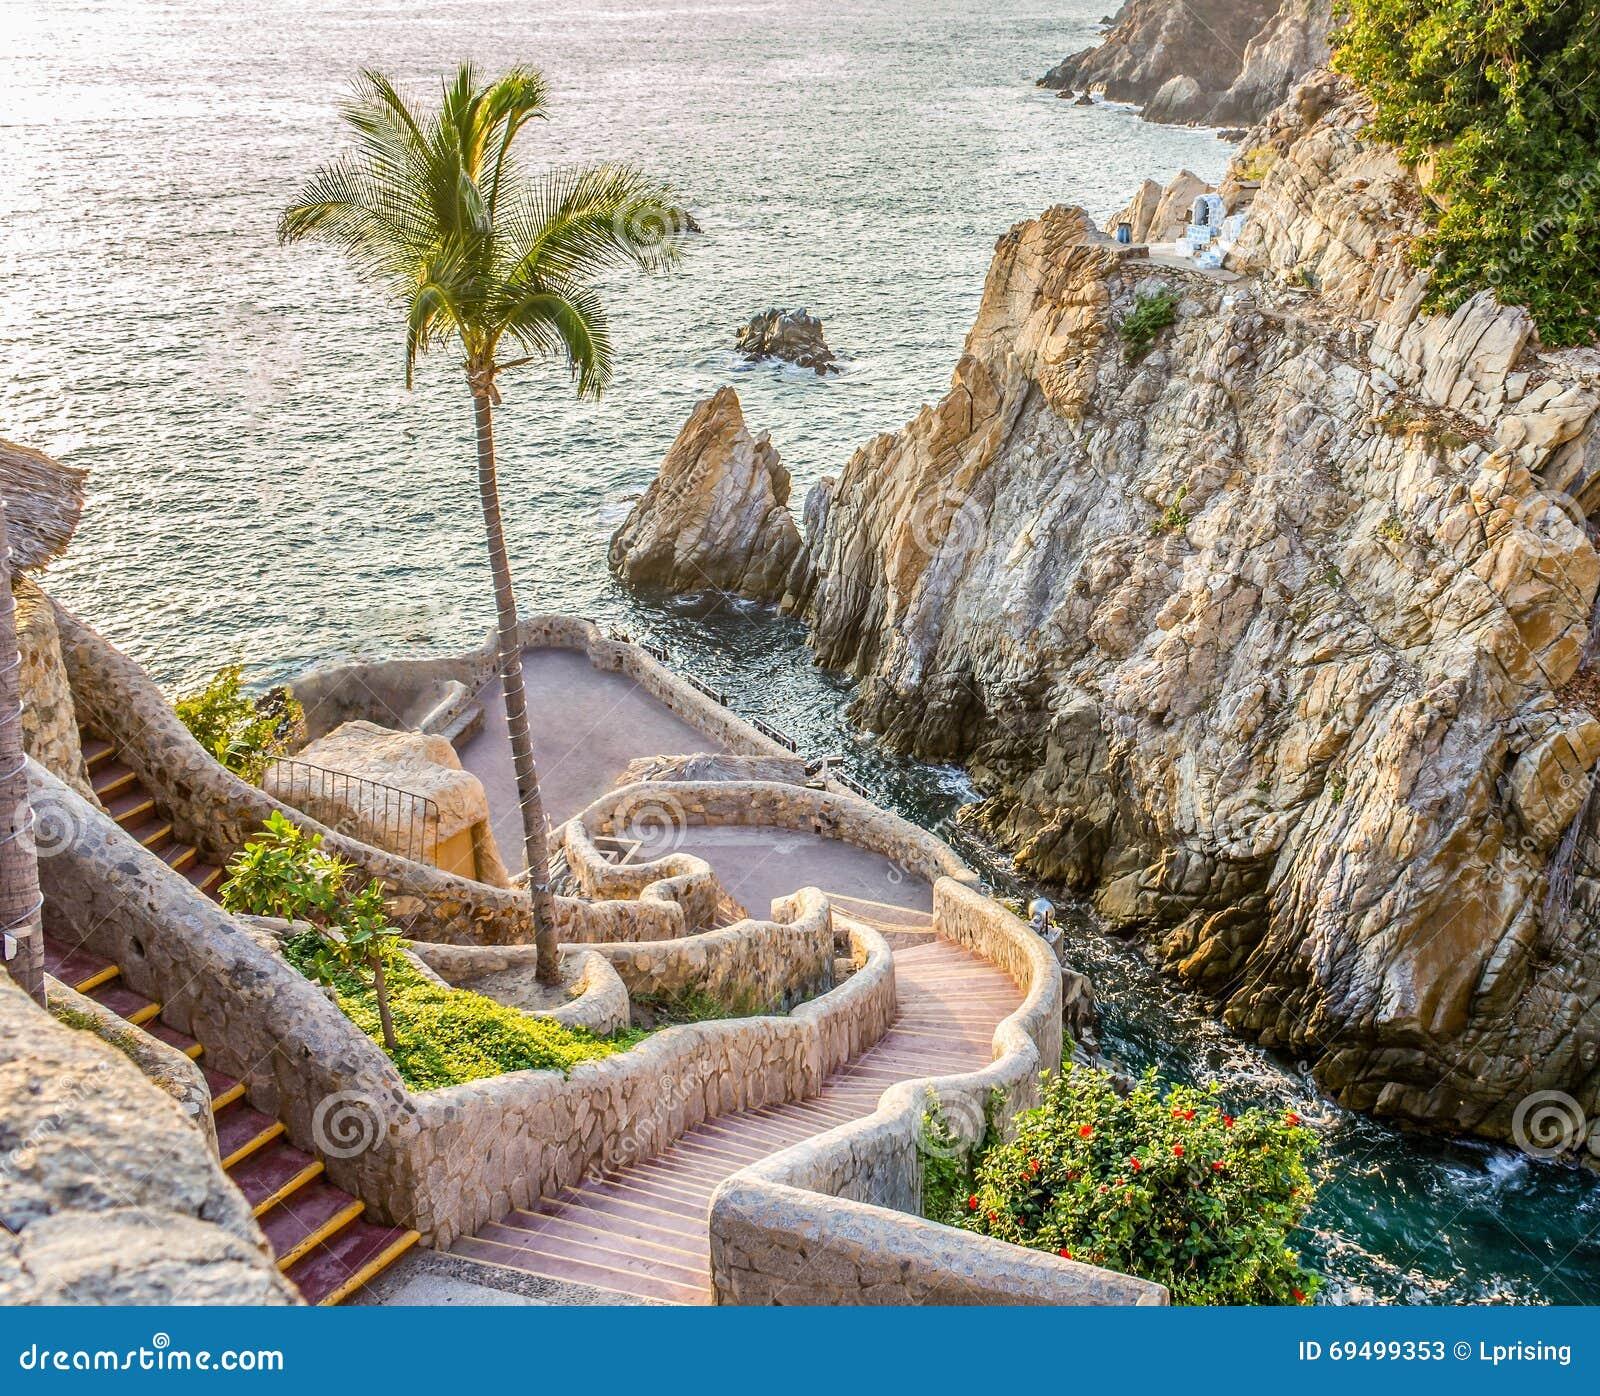 Acapulco cliff